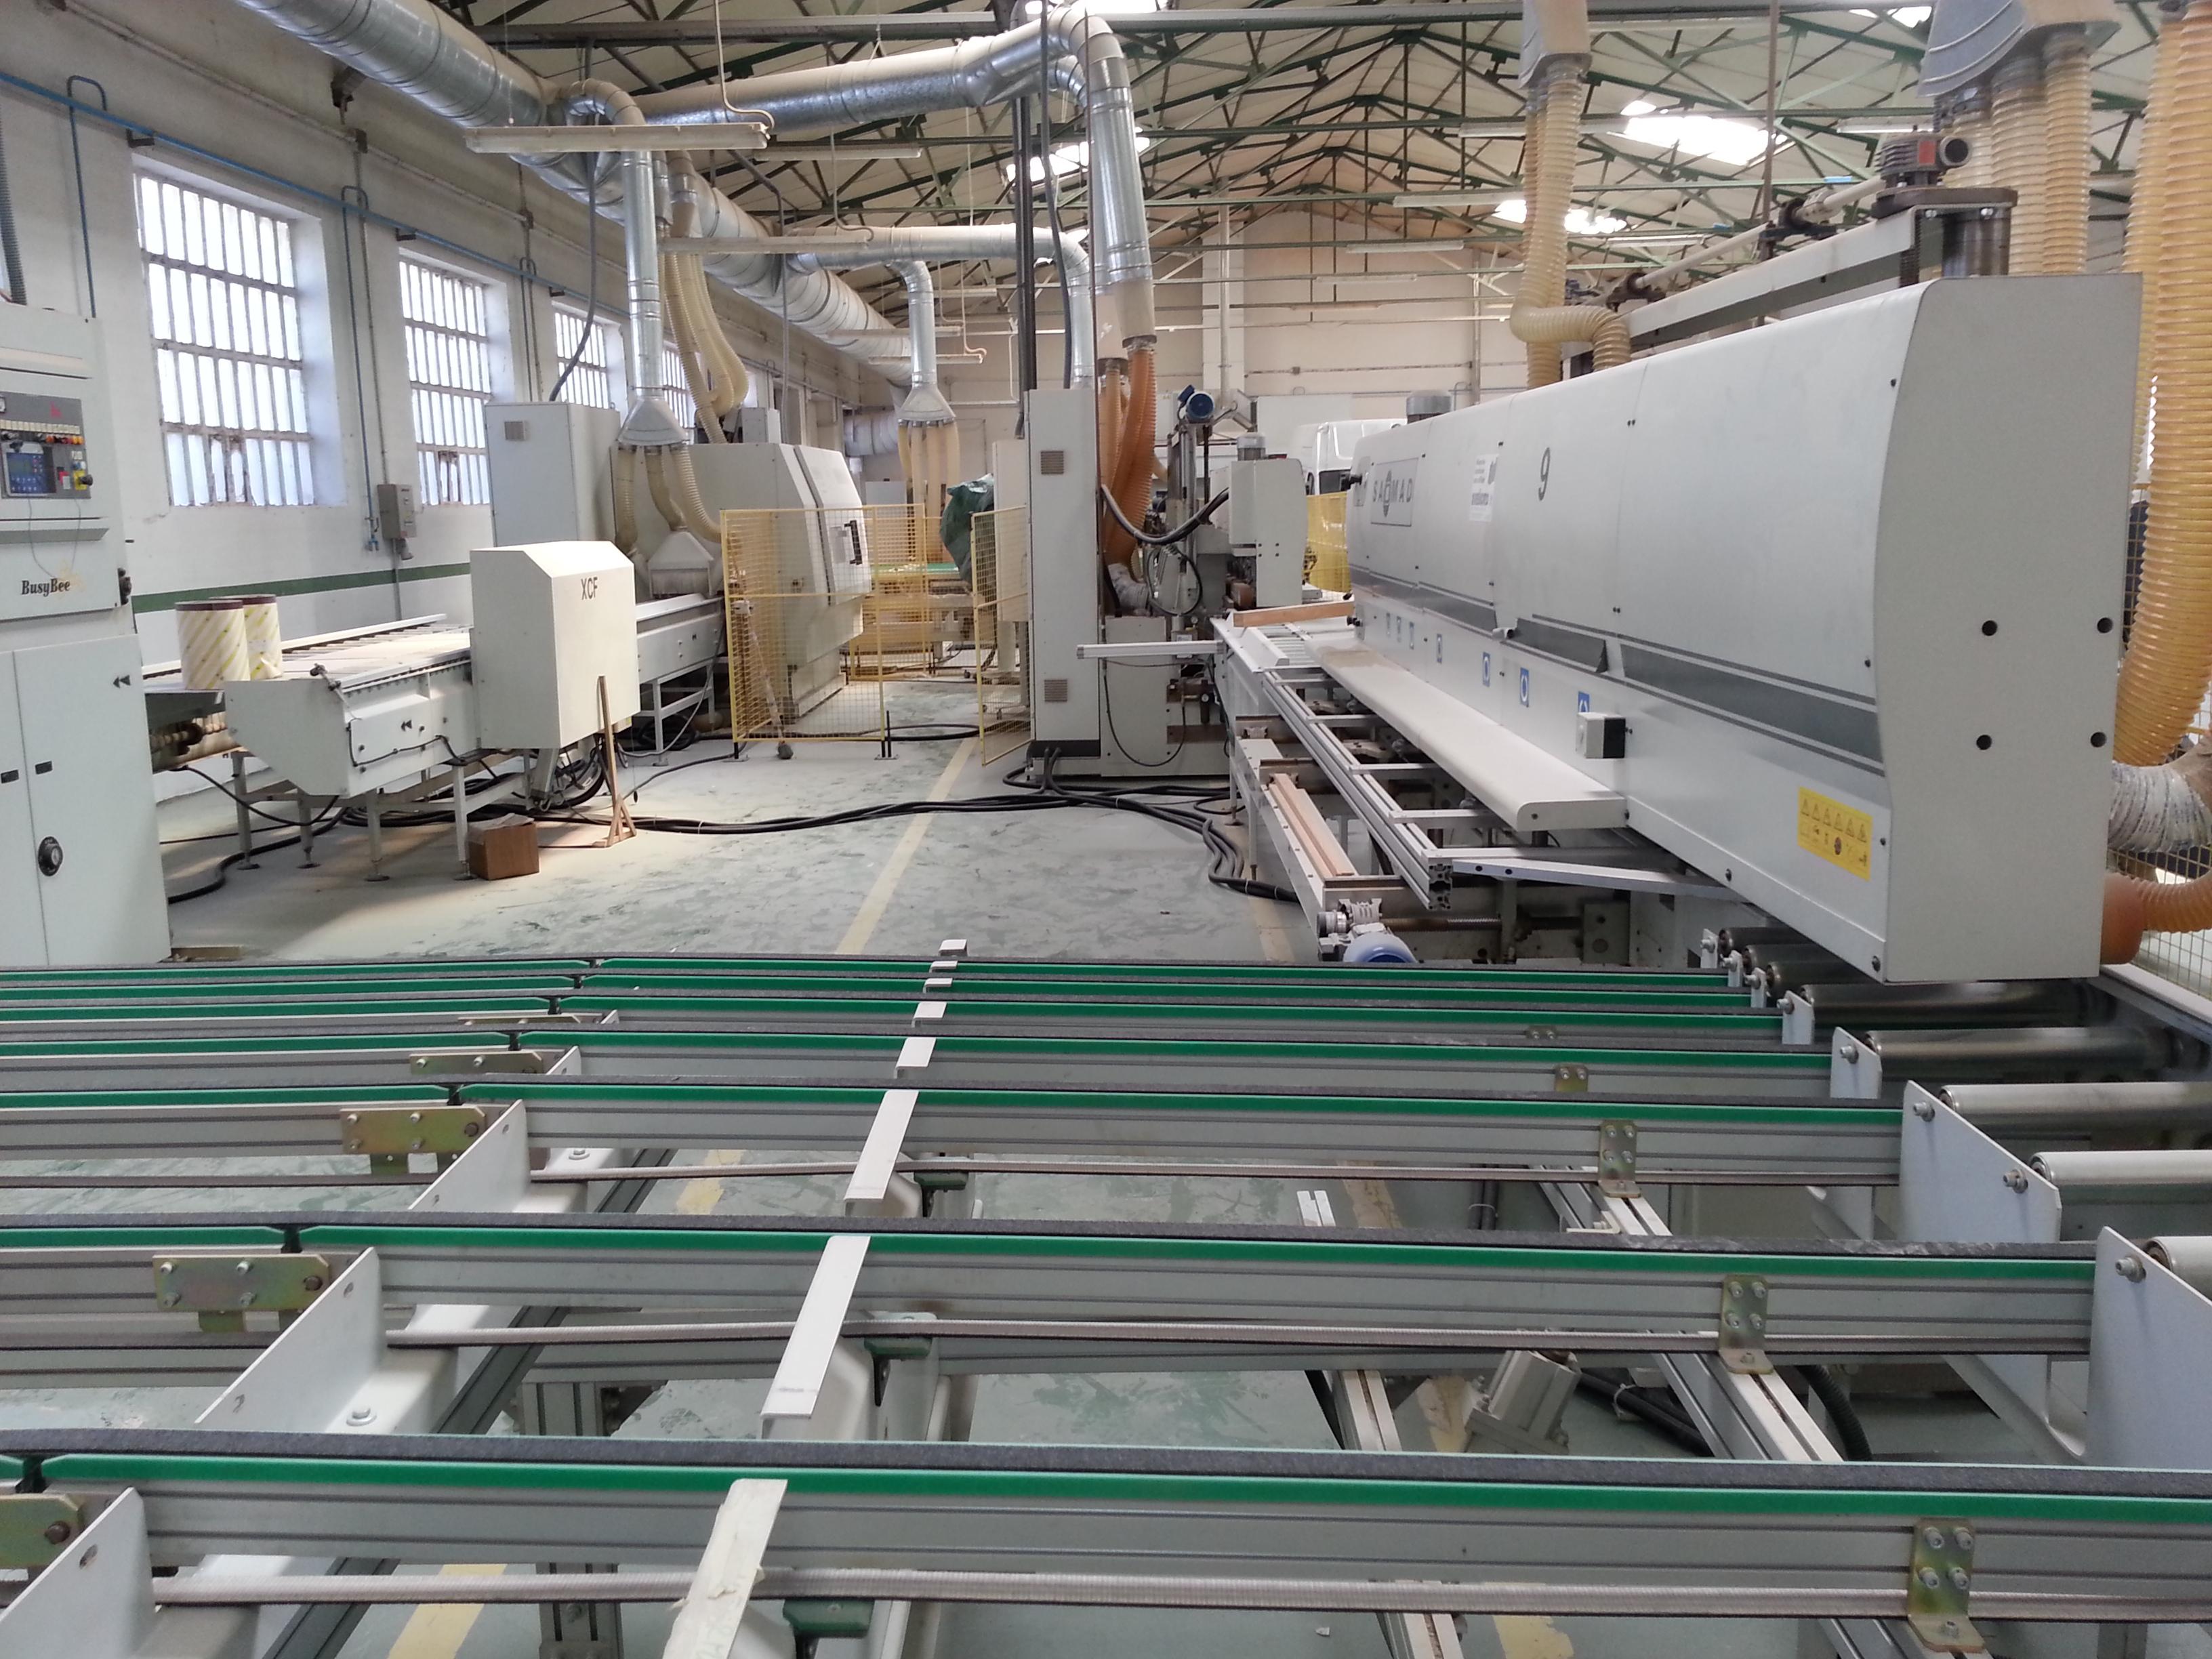 Ligne compl te saomad de fabrication de fen tre machines d for Fabrication fenetre